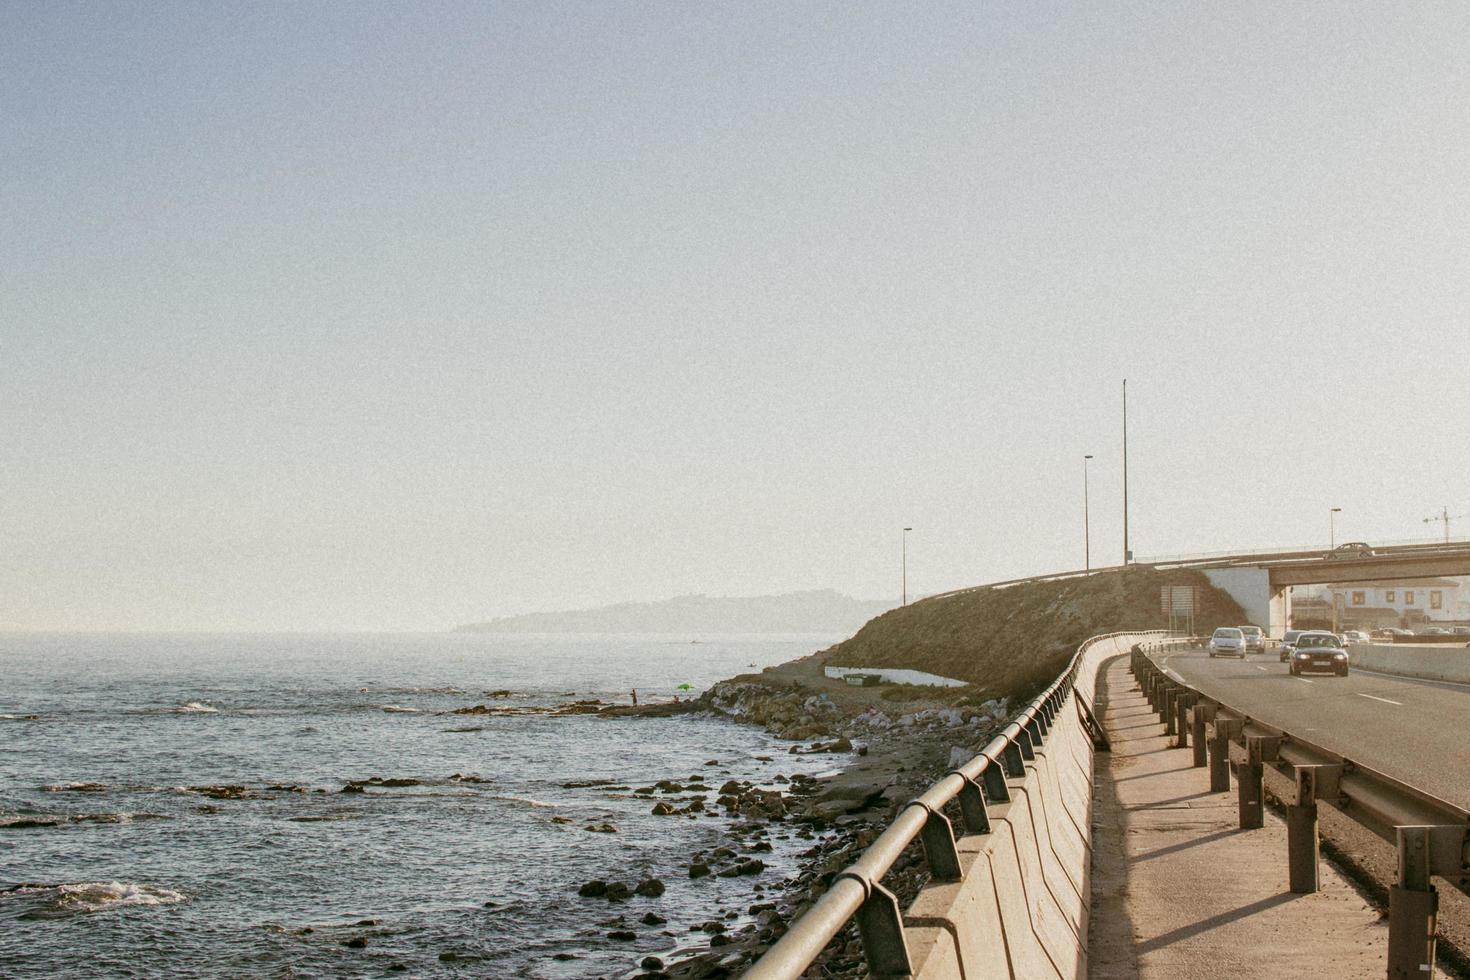 pont sur la côte photo